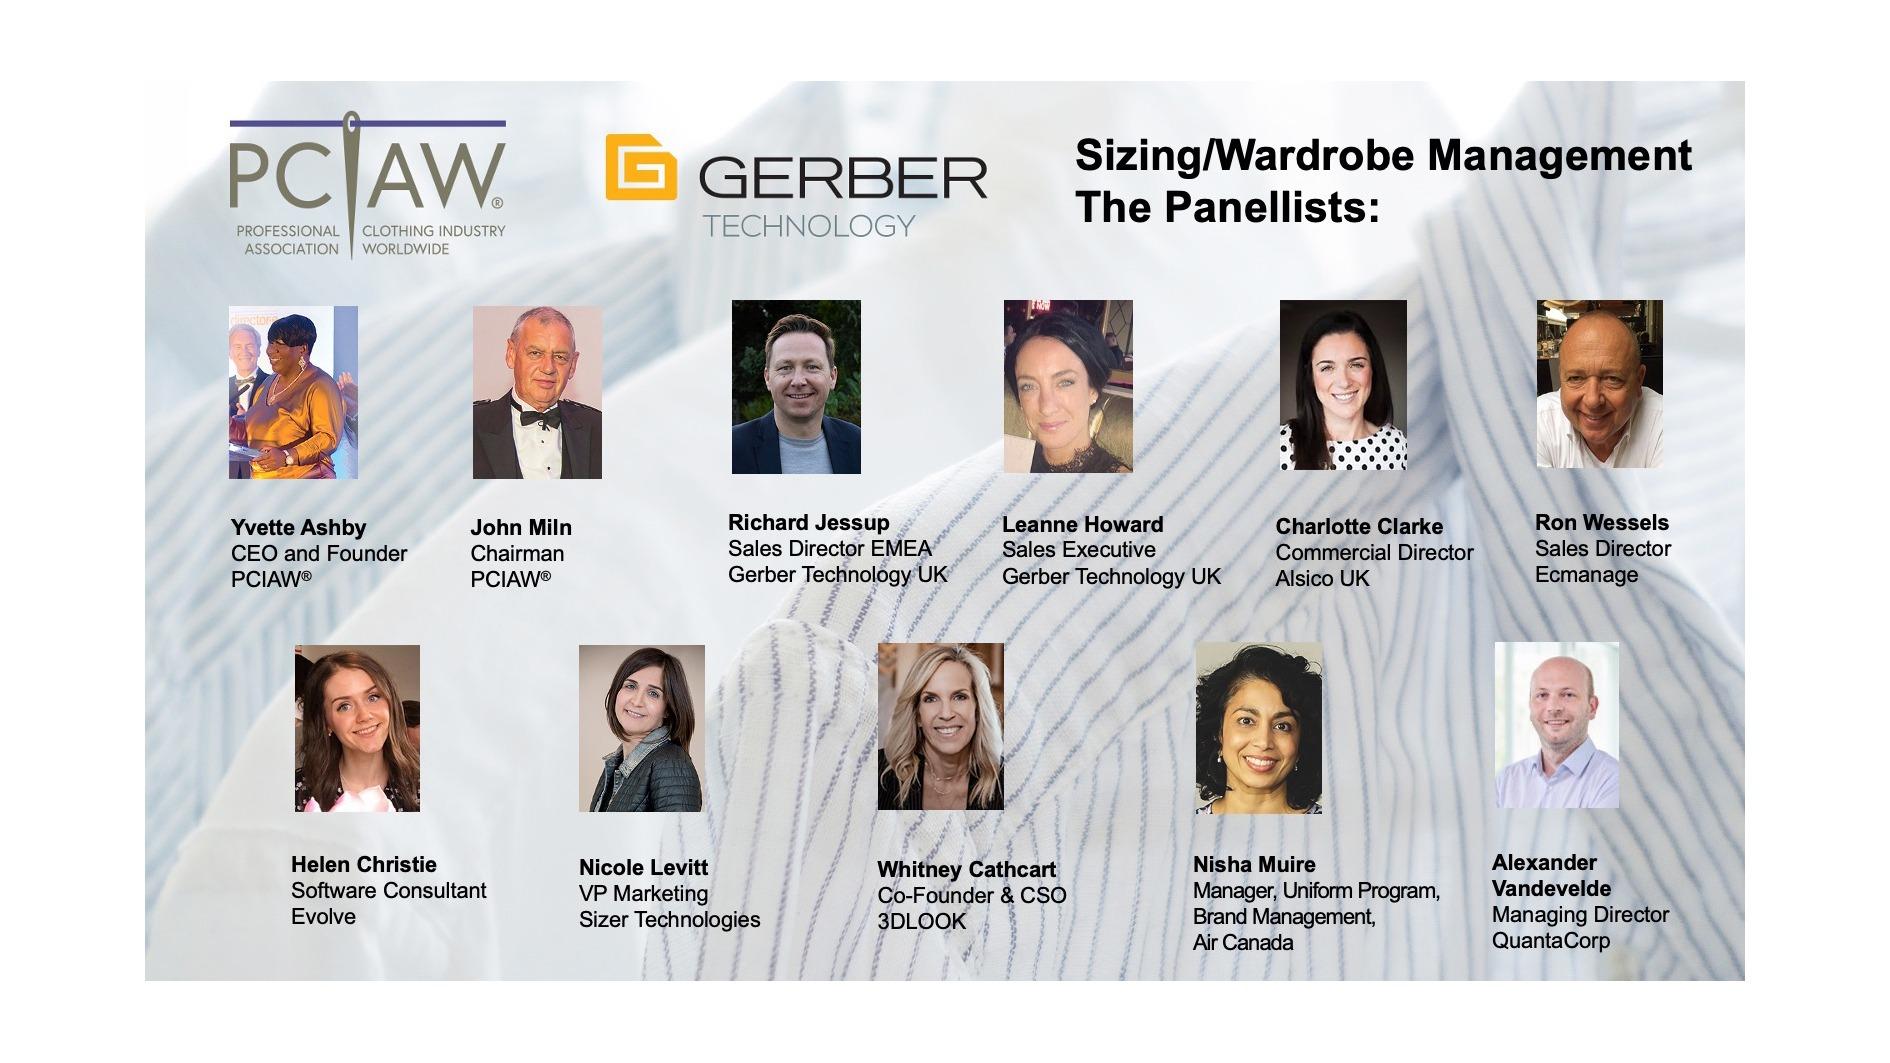 Sizing-Wardrobe Management panellists